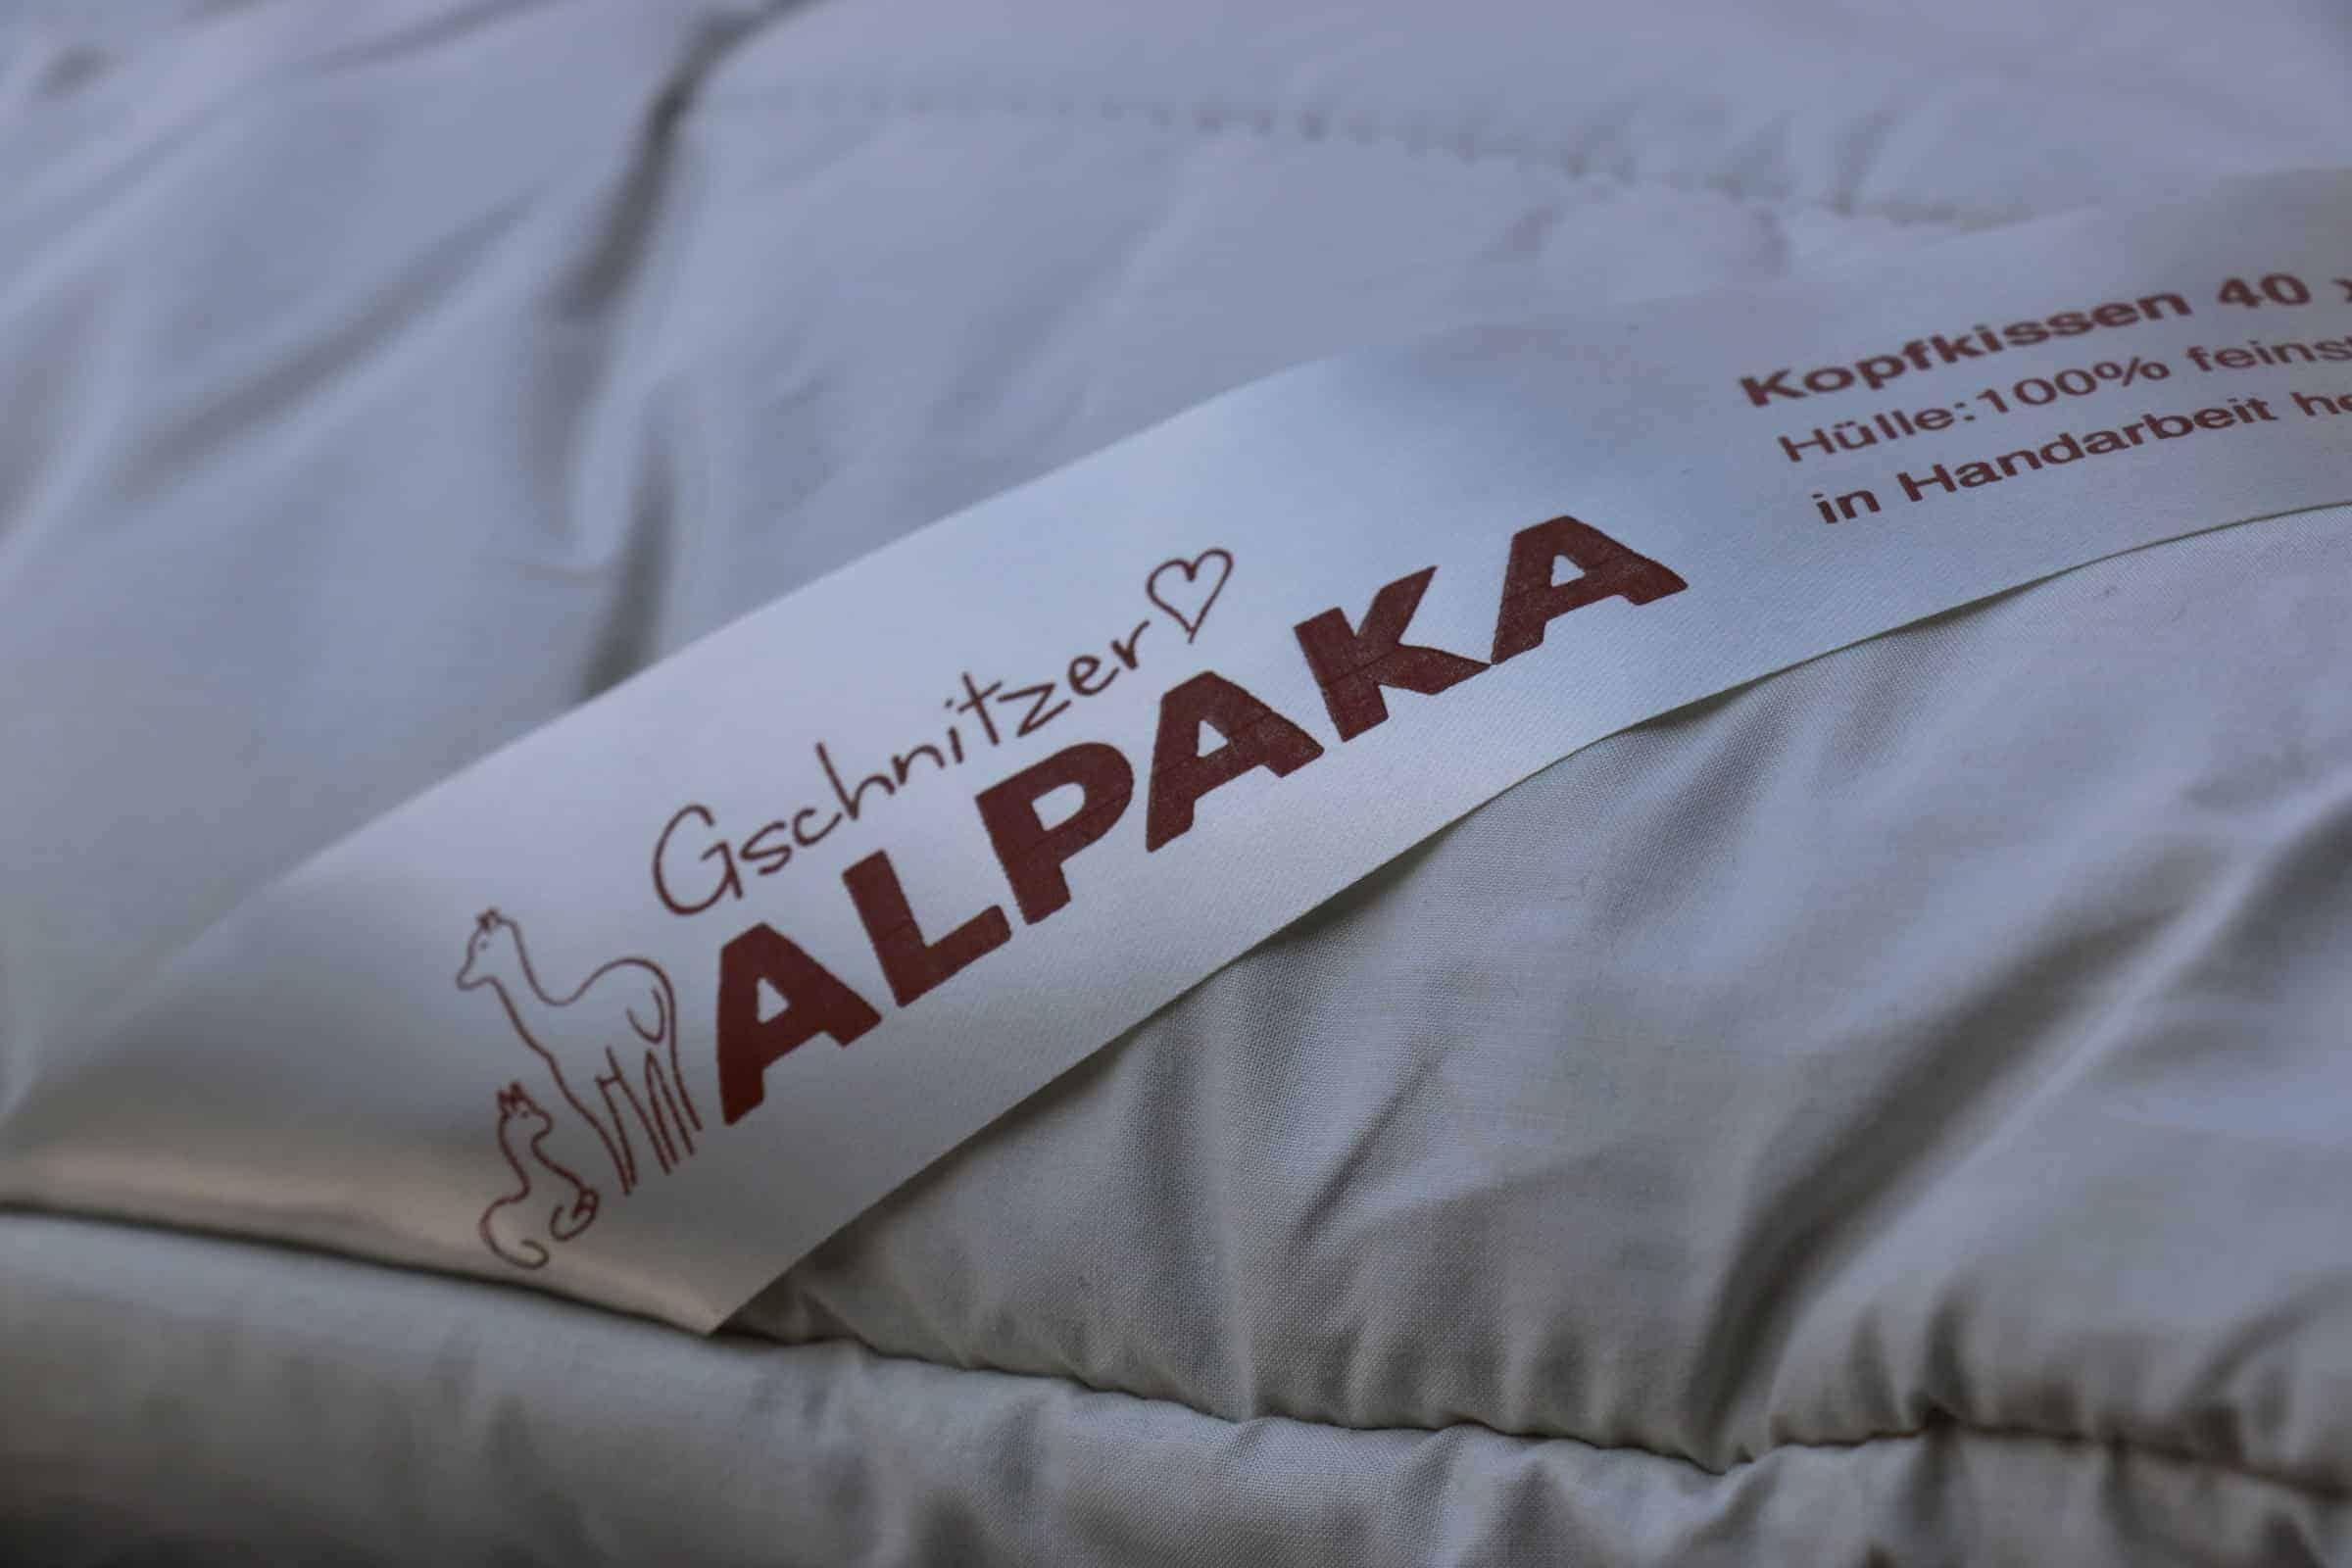 alpaka-gschnitz_06_05.06.2019-11_37_34-1 Hofladen